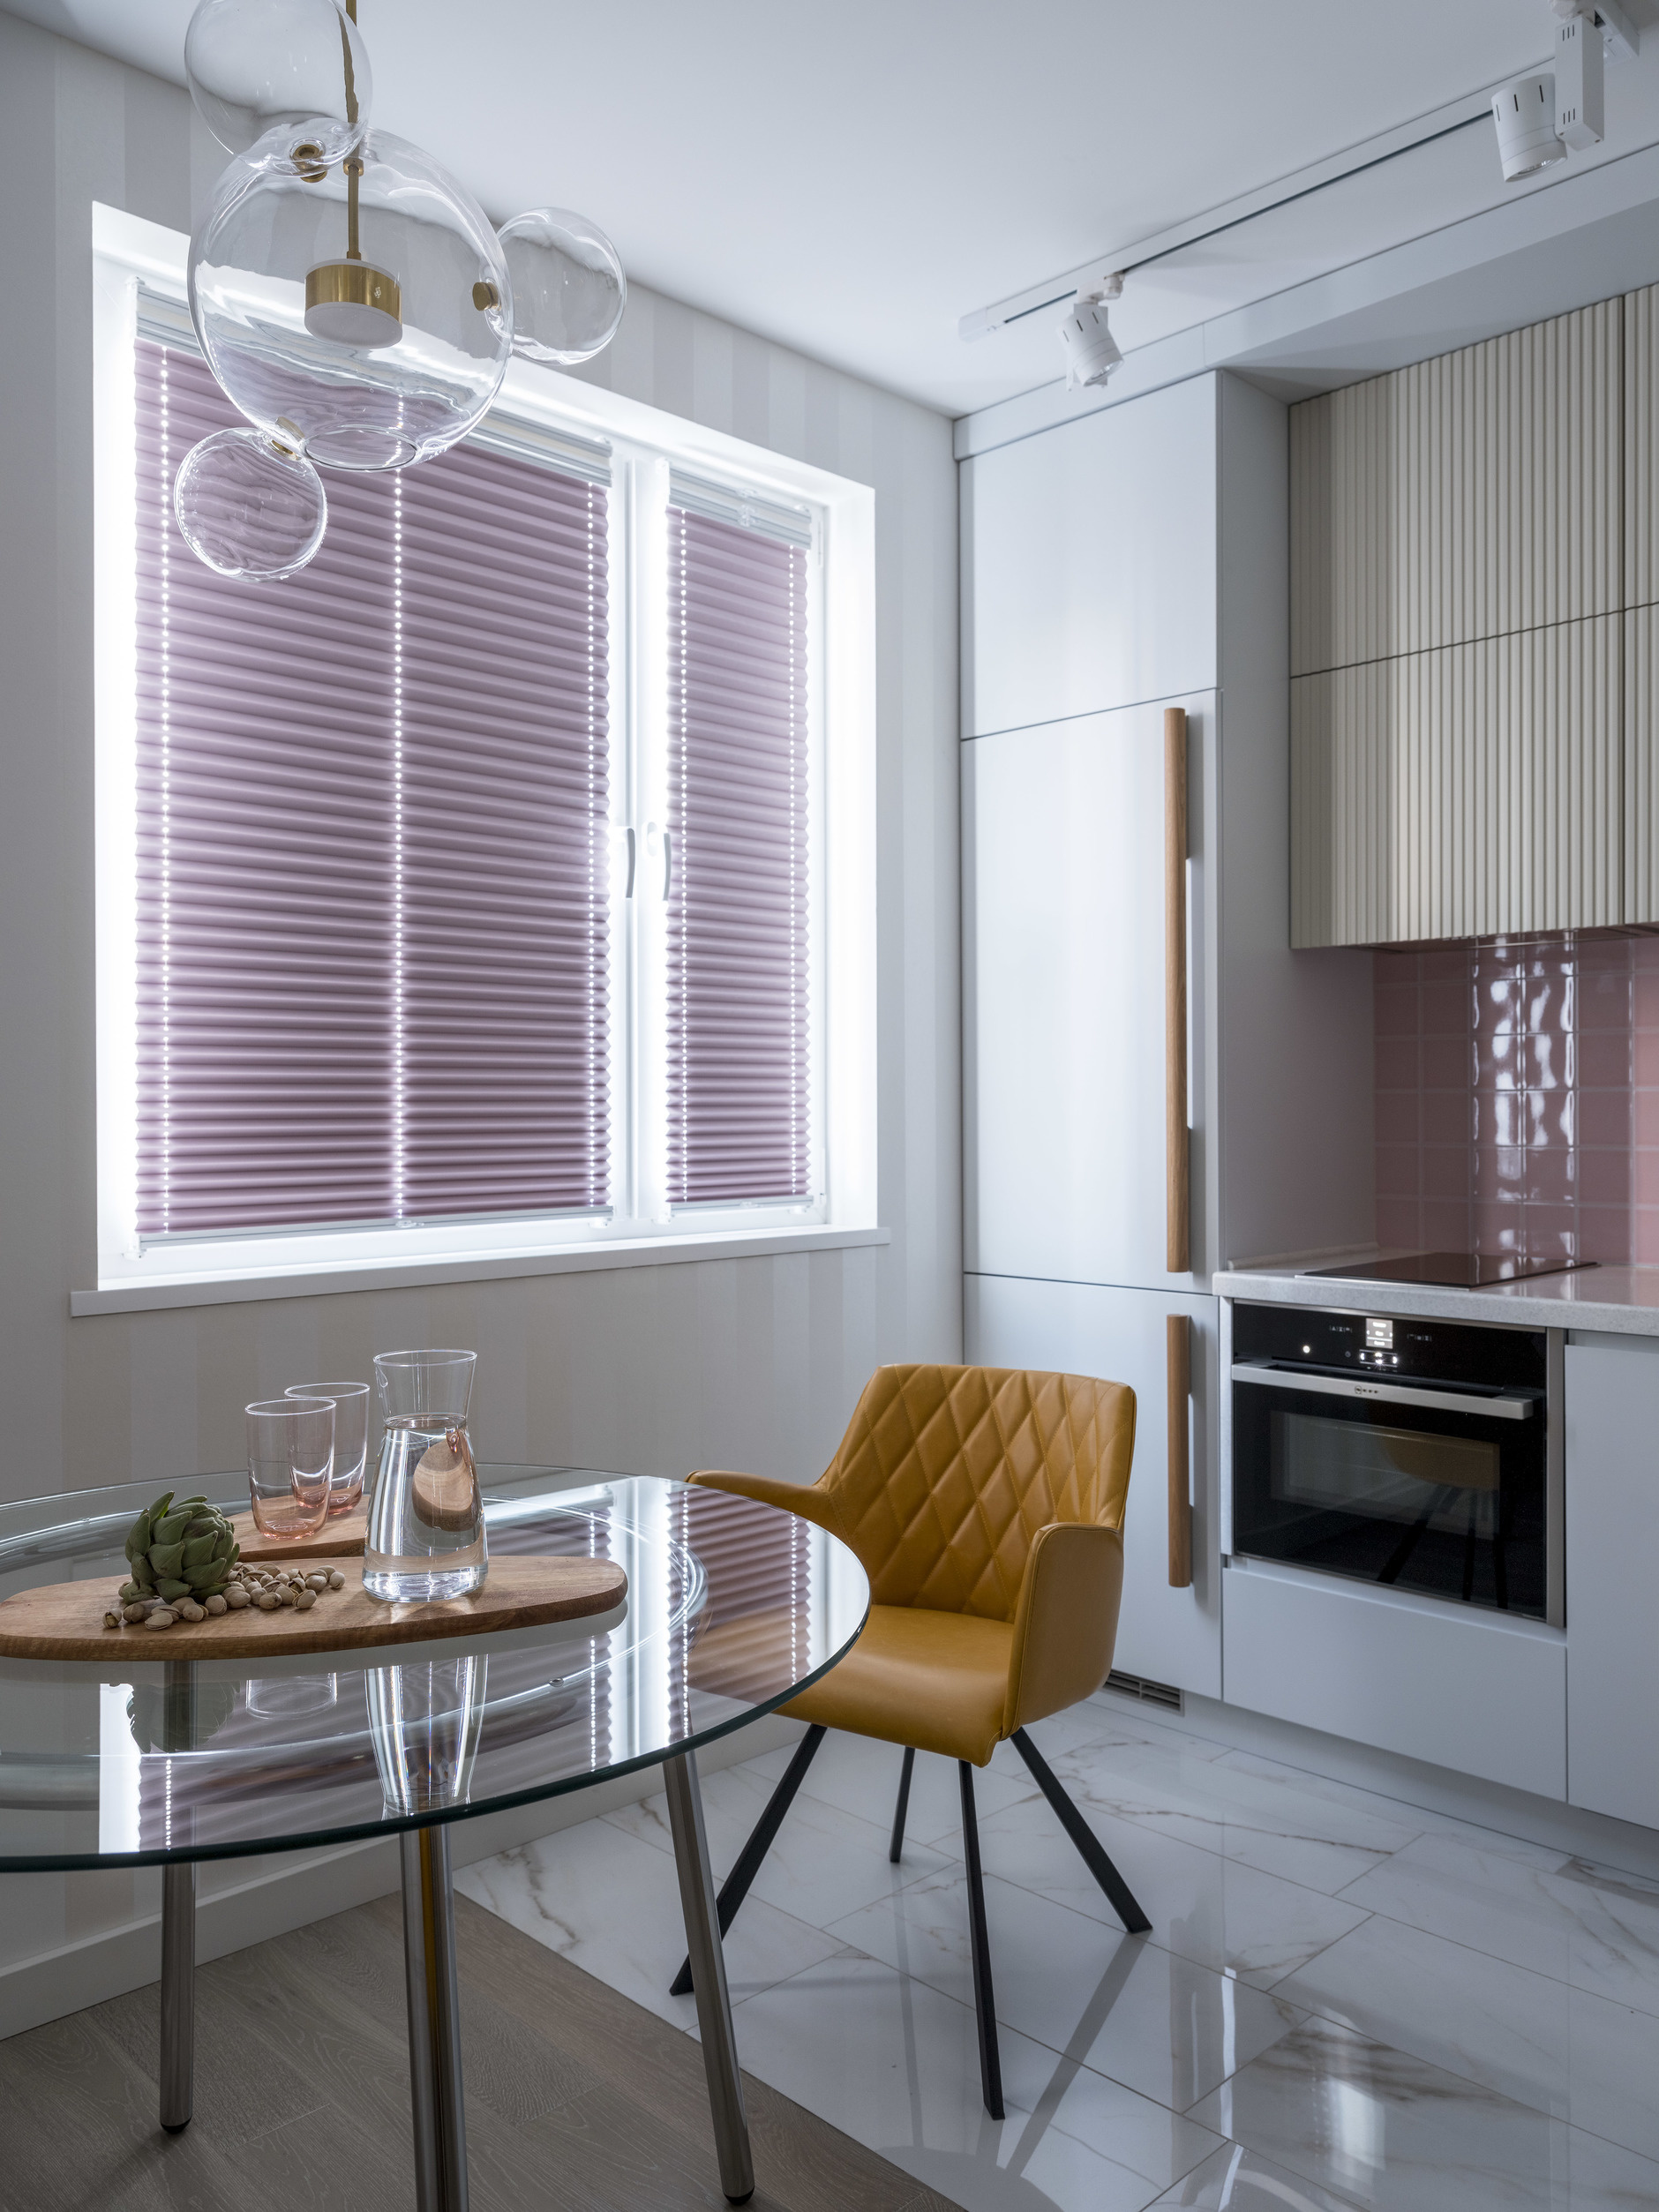 35+ проектов кухонь в маленьких квартирах (галерея 0, фото 5)